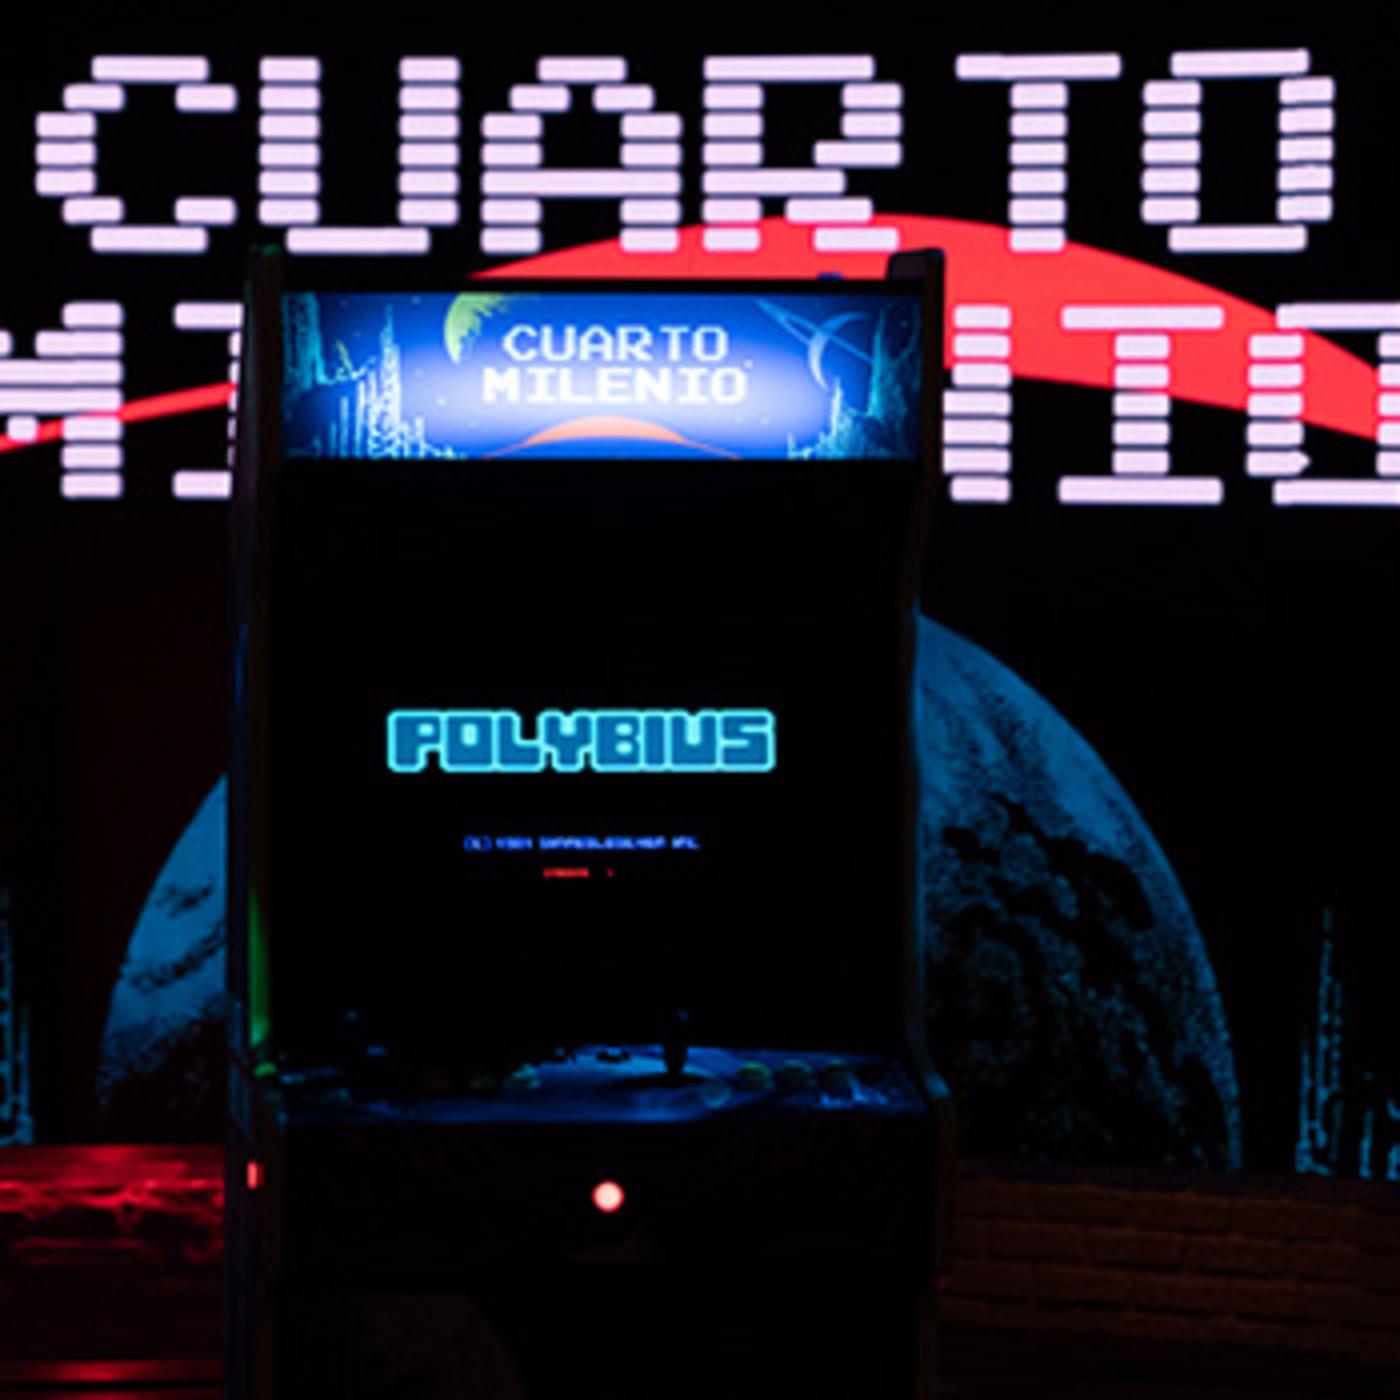 Cuarto Milenio: Polybius en Cuarto Milenio (Oficial) en mp3(02/02 a ...